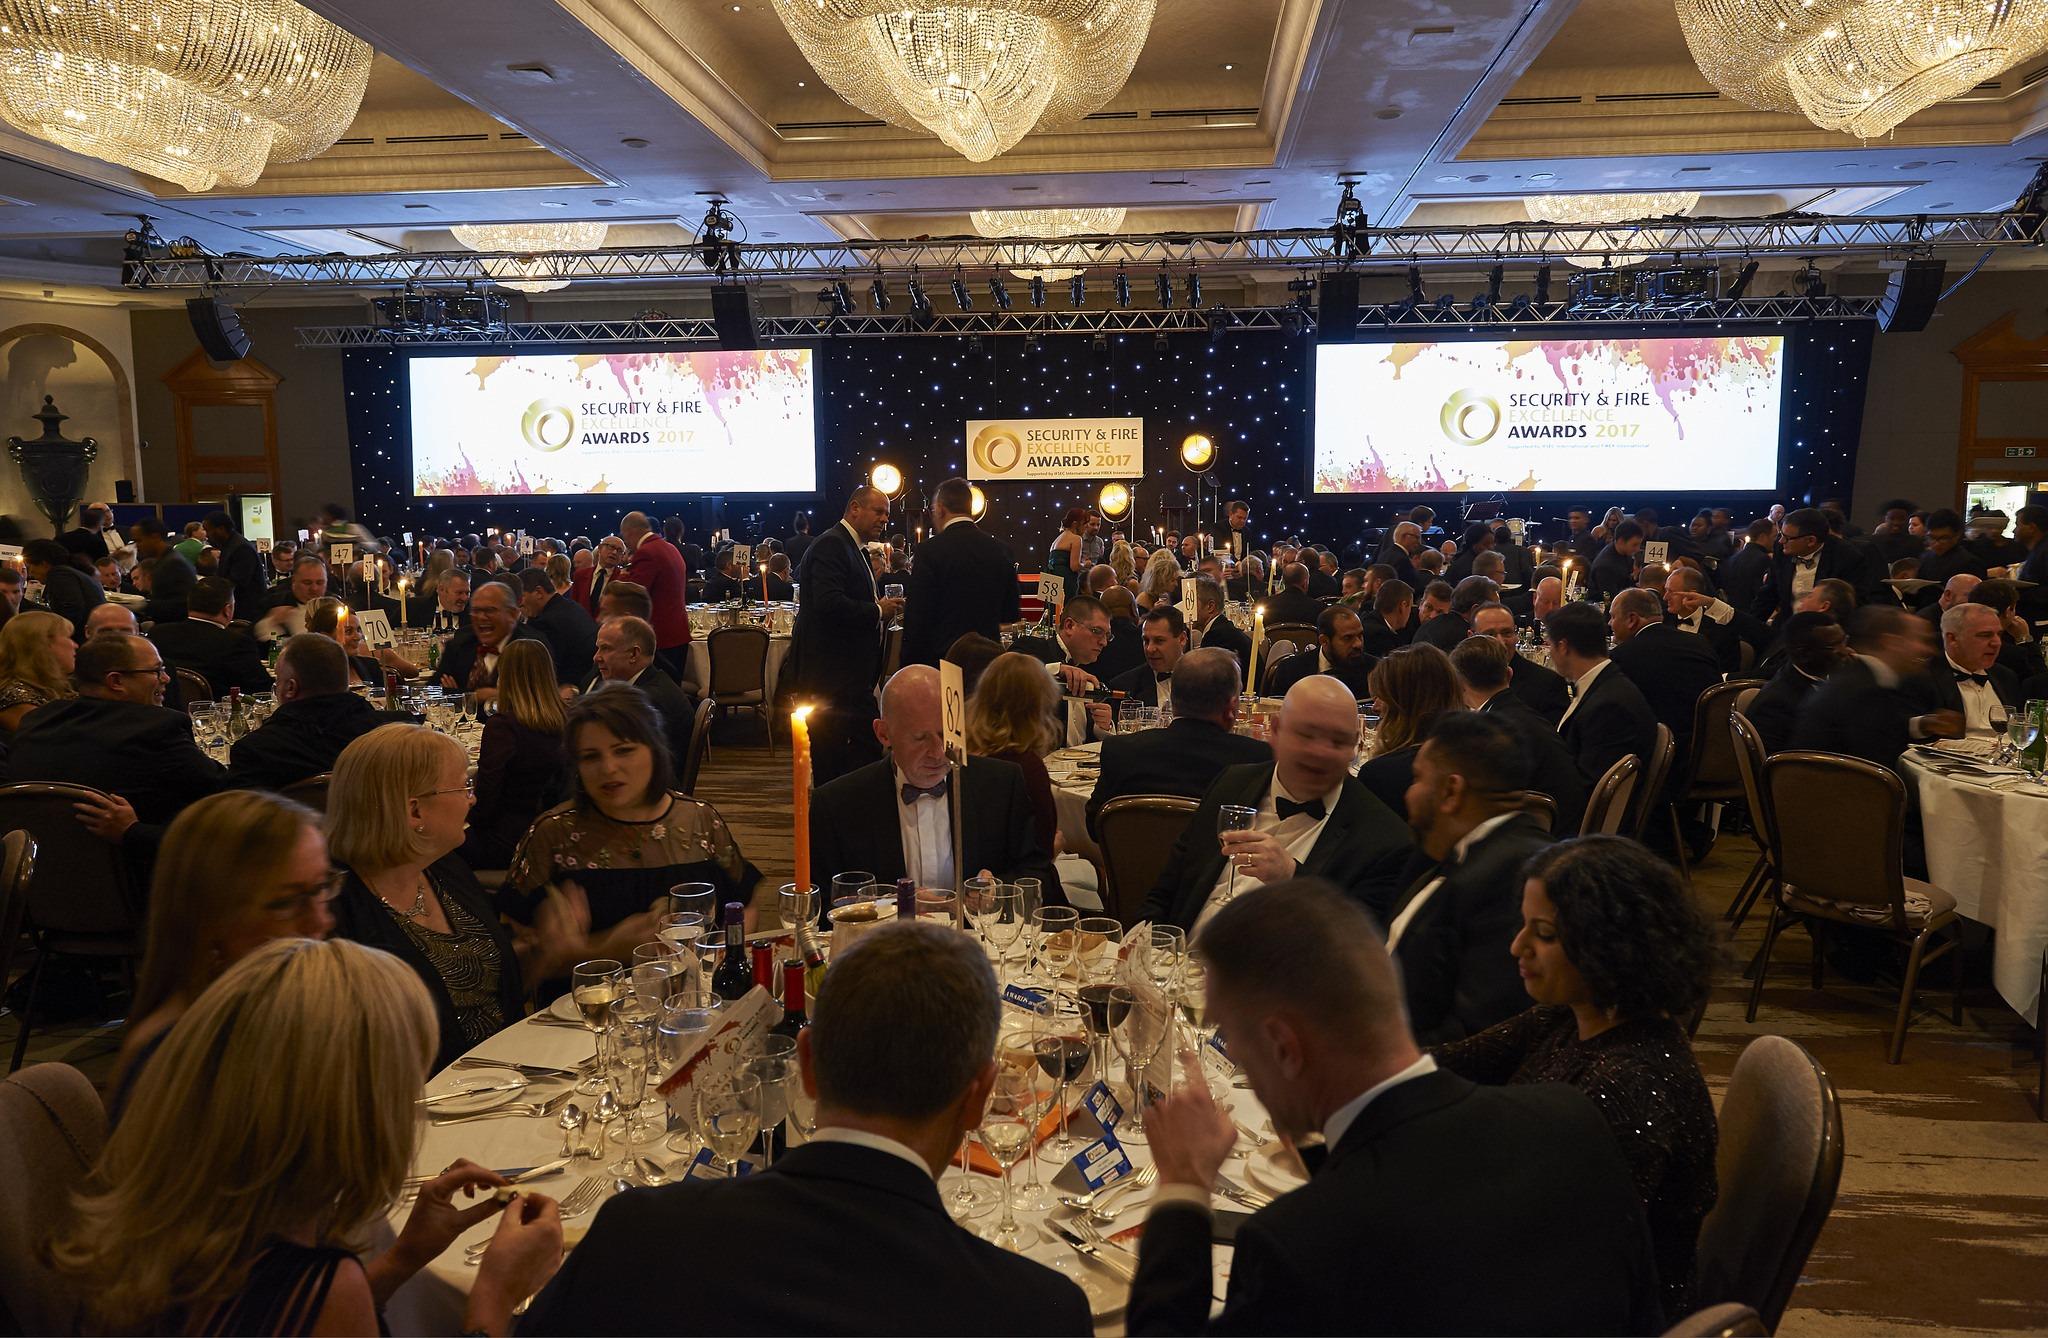 IFSEC Awards